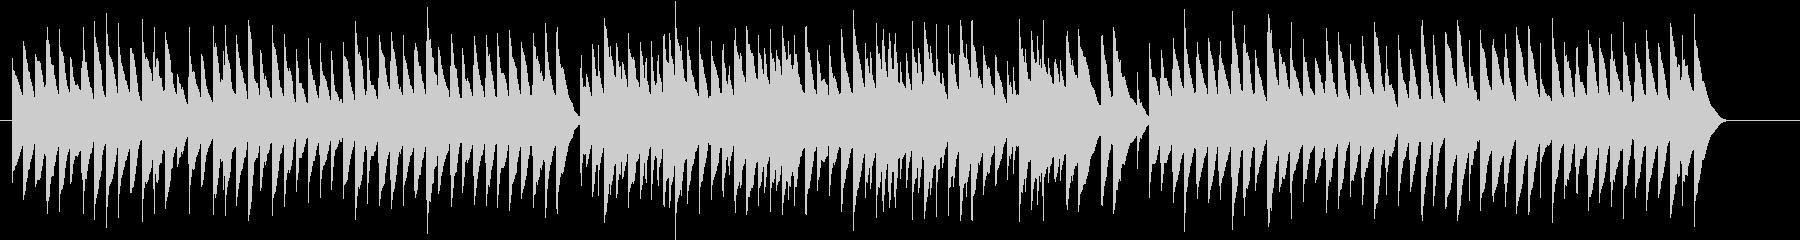 とても切ないマイナー調のオルゴールの未再生の波形